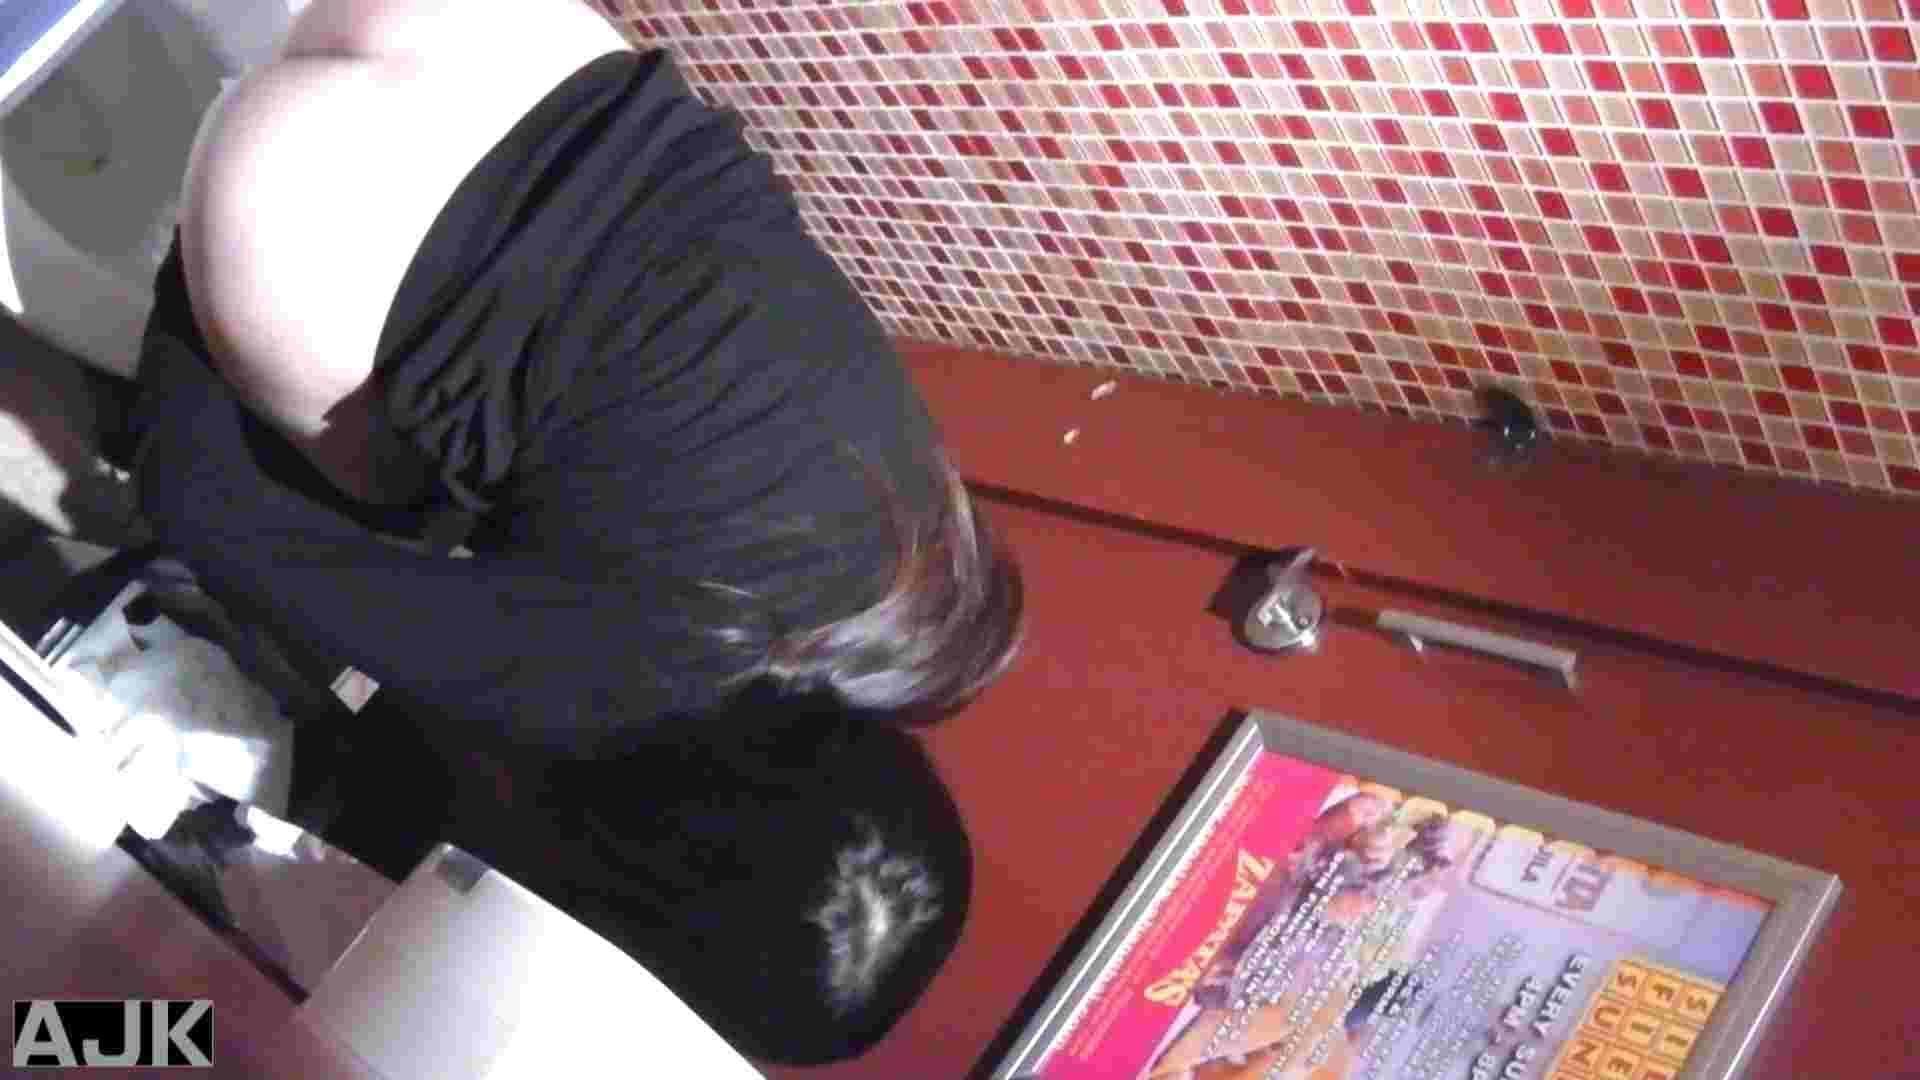 隣国上階級エリアの令嬢たちが集うデパートお手洗い Vol.18 無修正おまんこ   お手洗いの中では  82画像 68